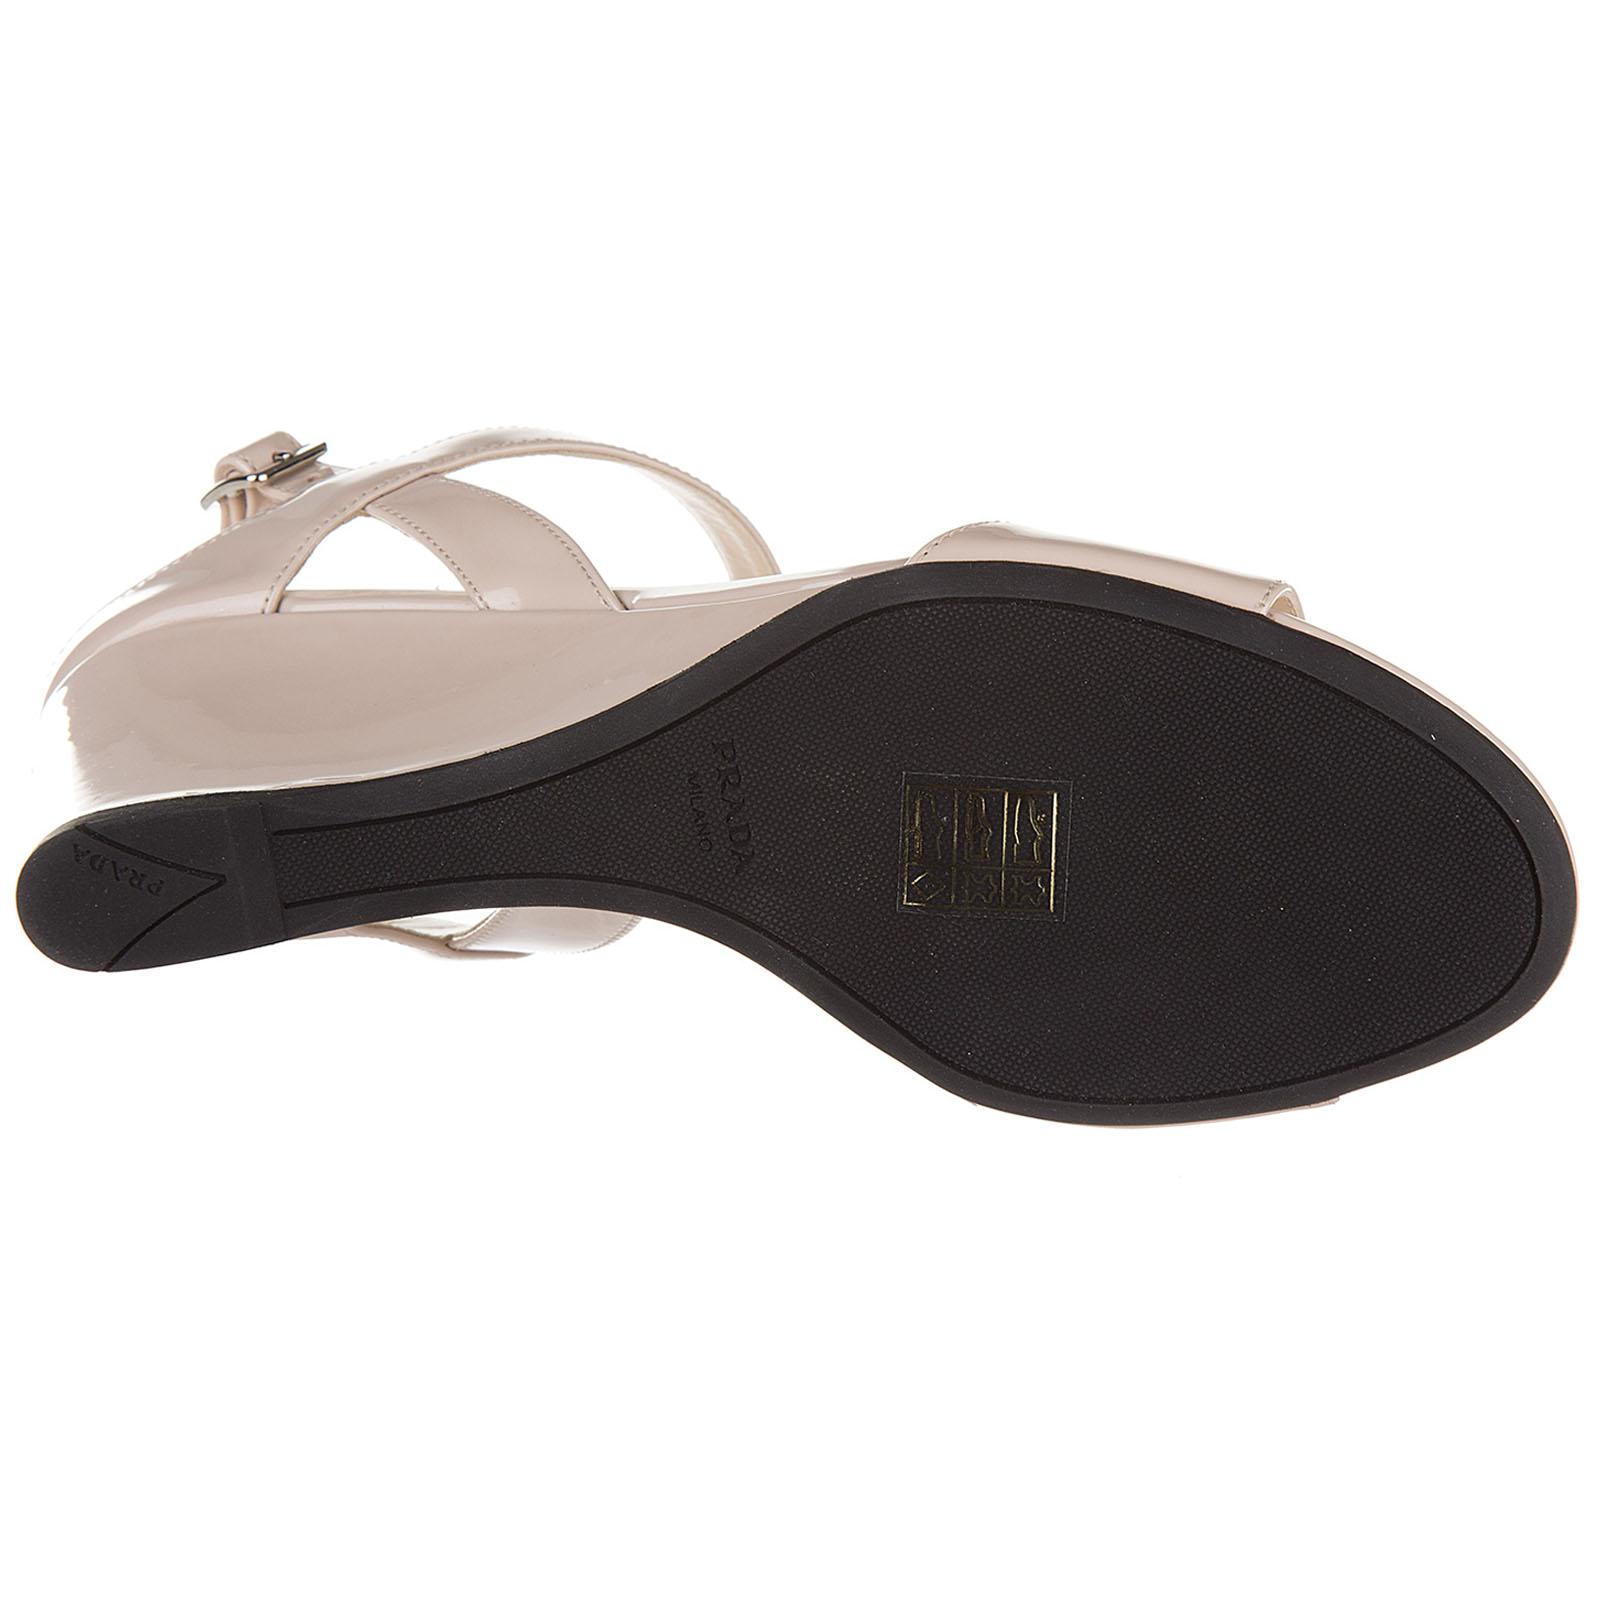 Women's leather heel sandals